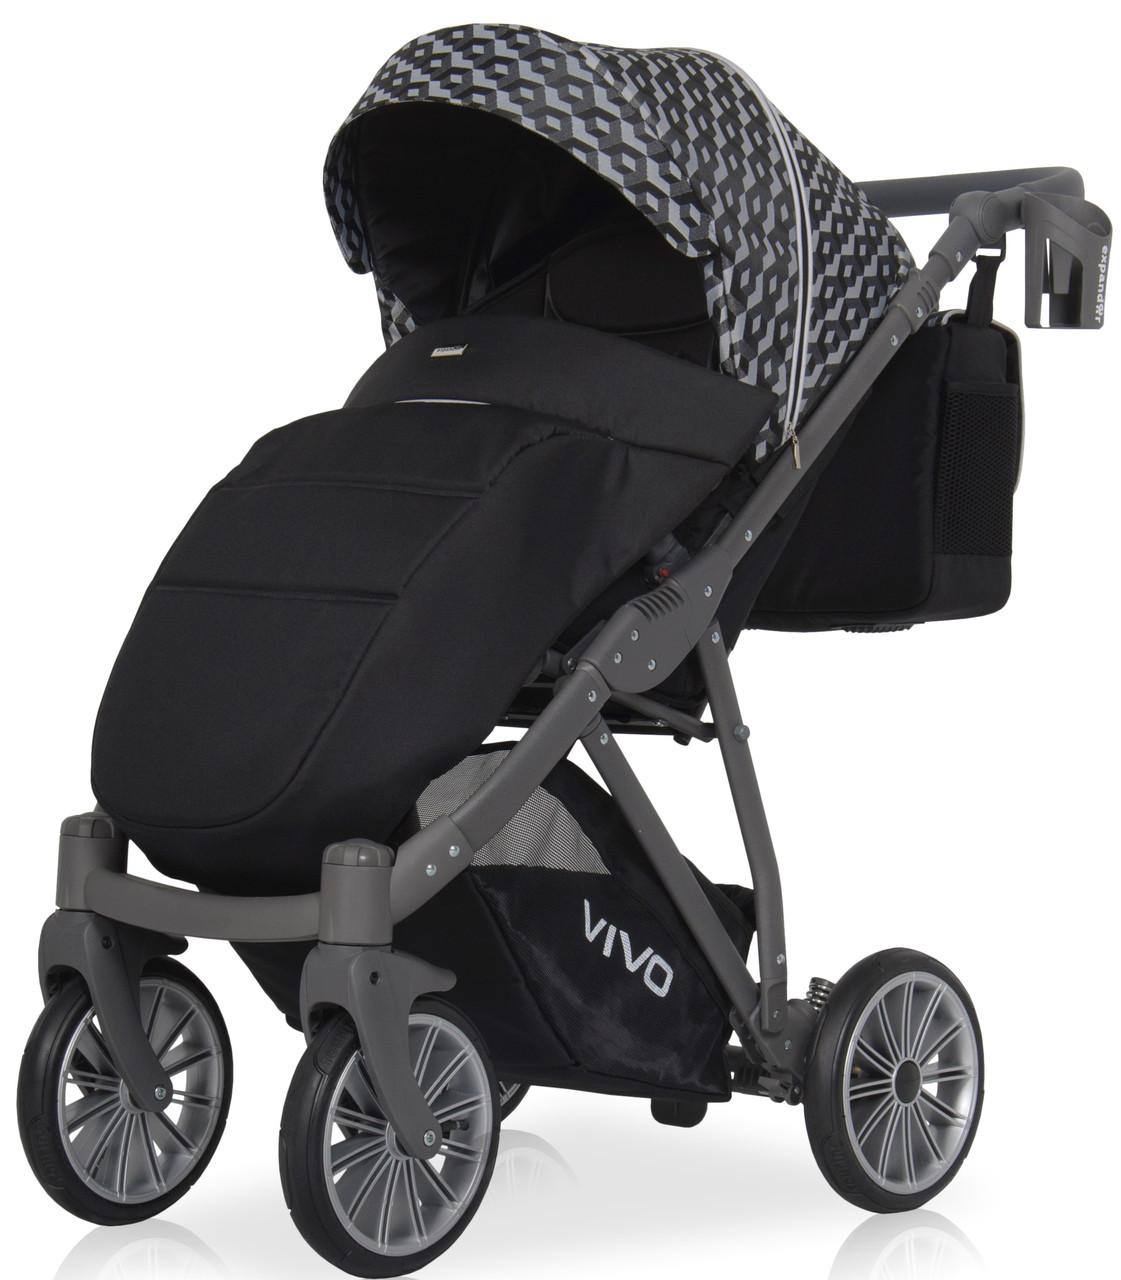 Прогулочная коляска Expander Vivo 01 Carbon